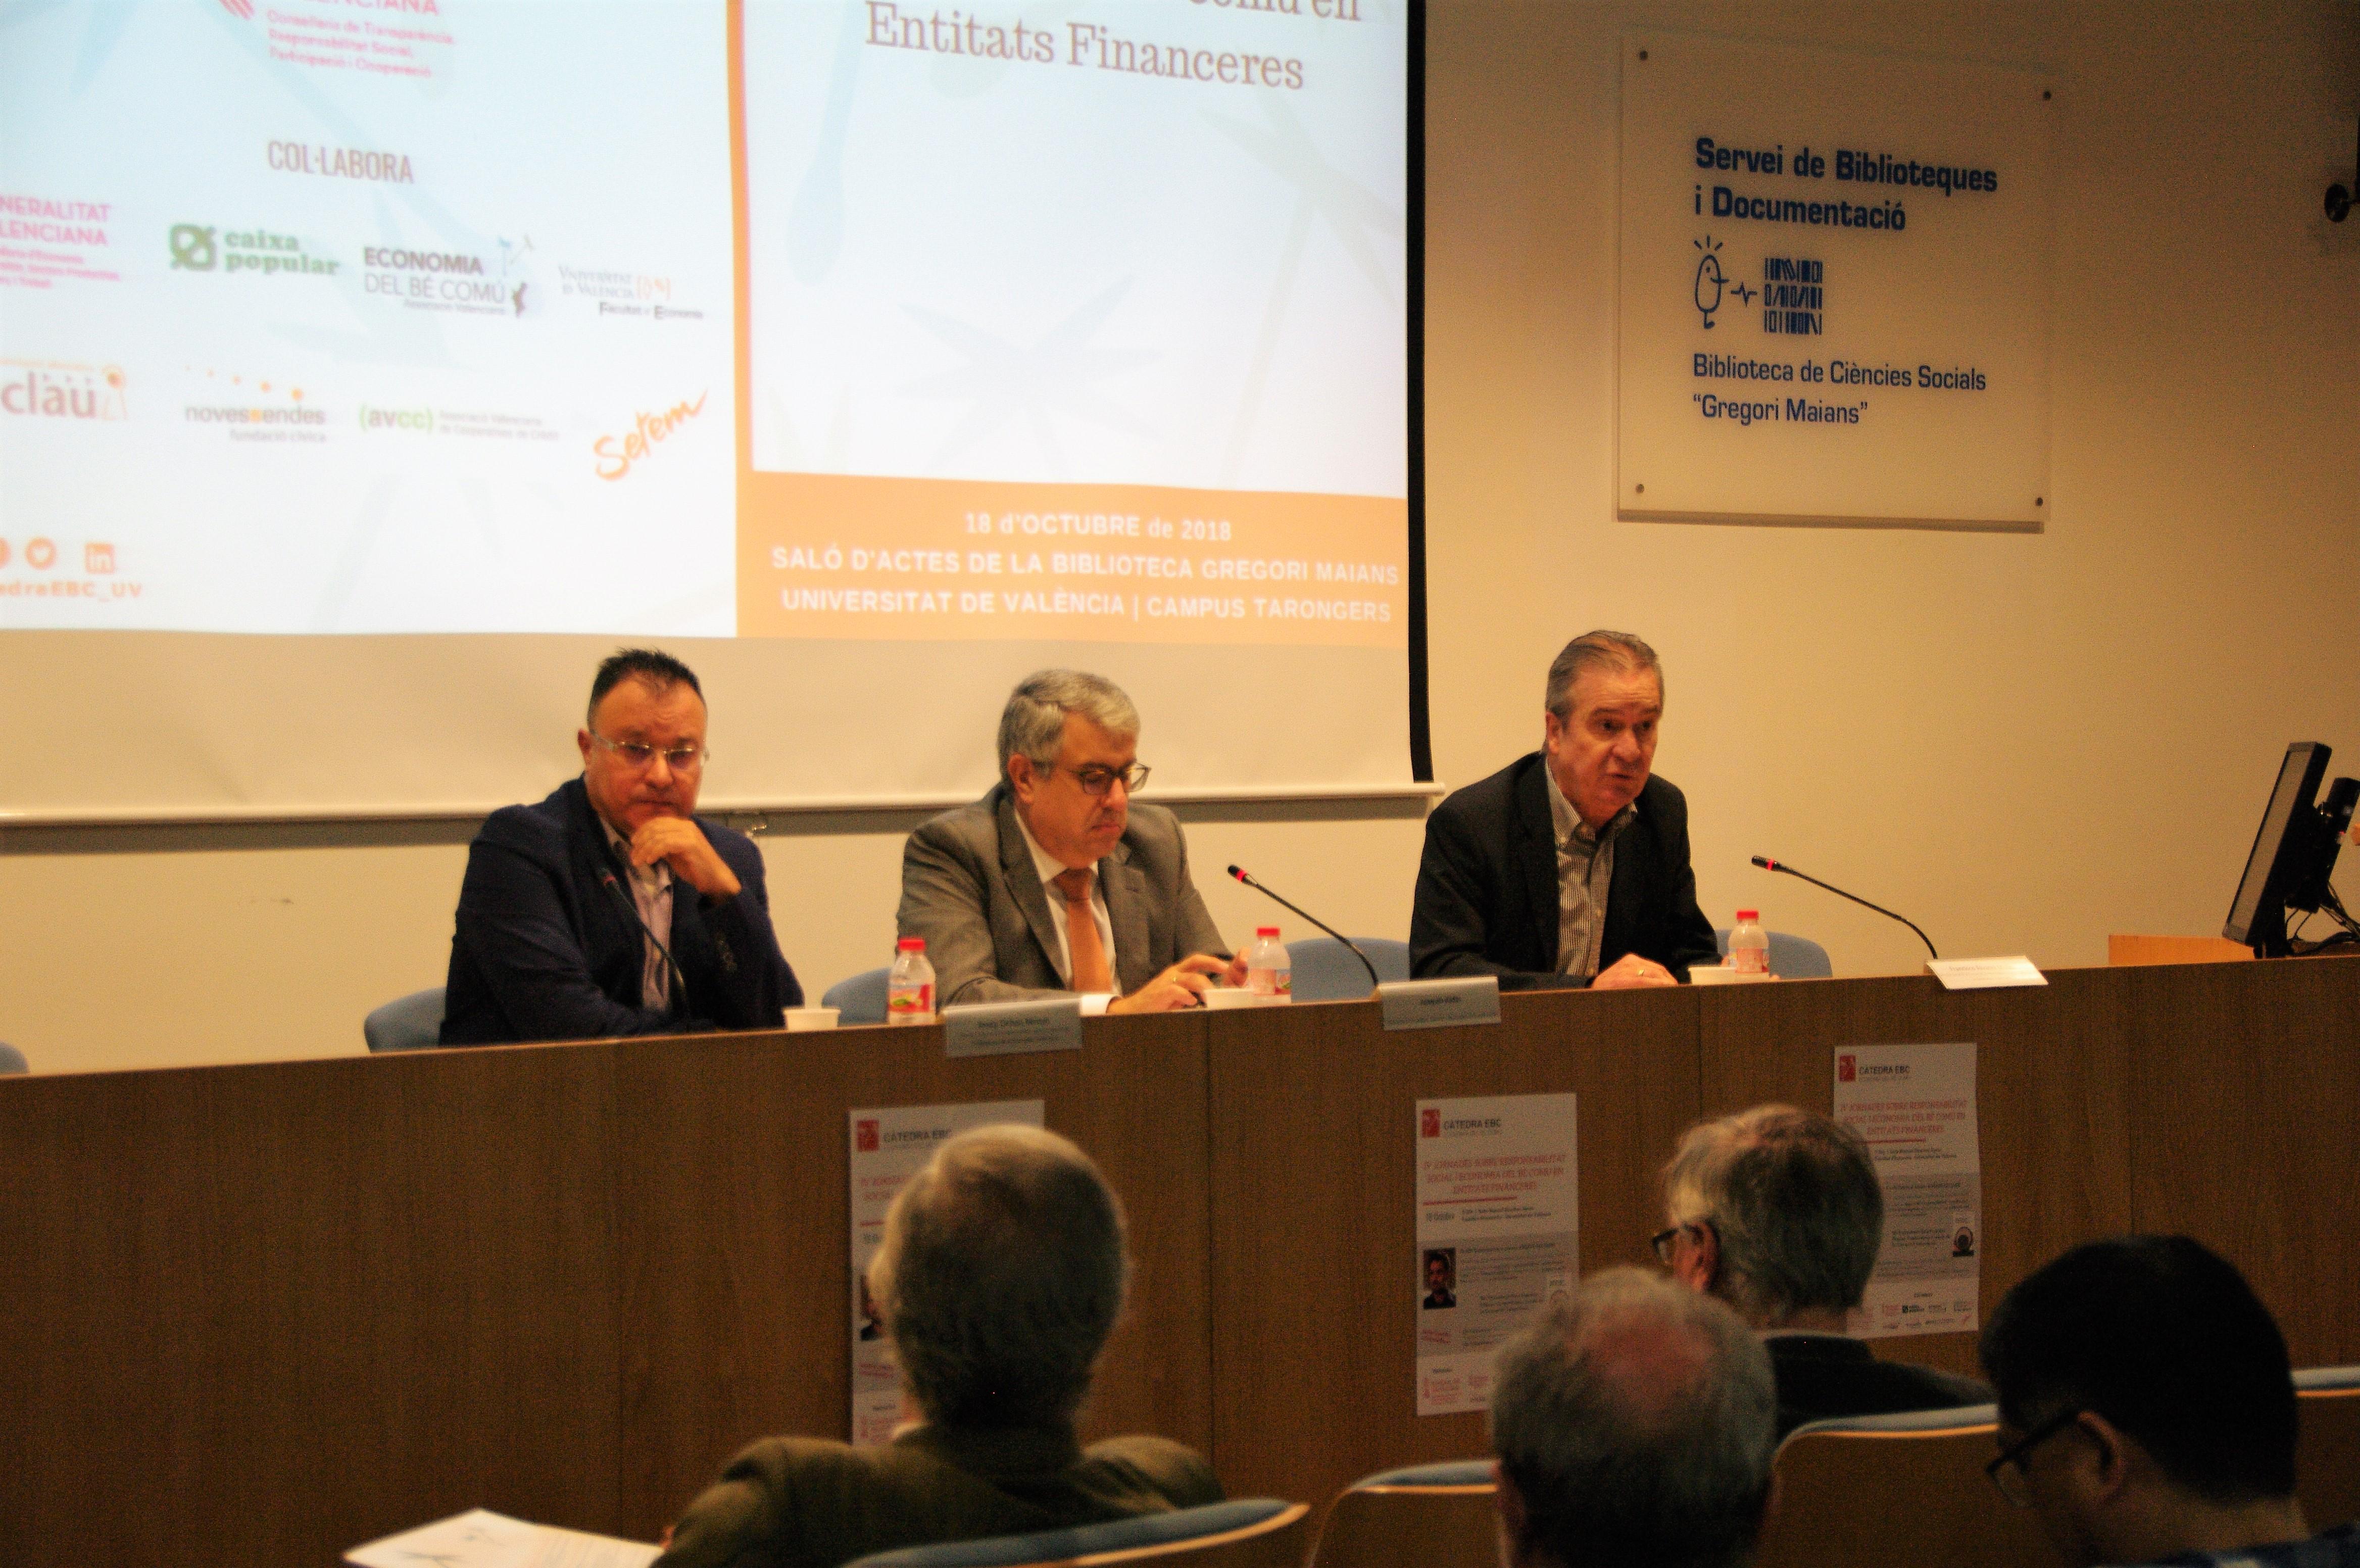 IV Jornades RSE i EBC en entitats financeres 18/10/2018 - imatge 0